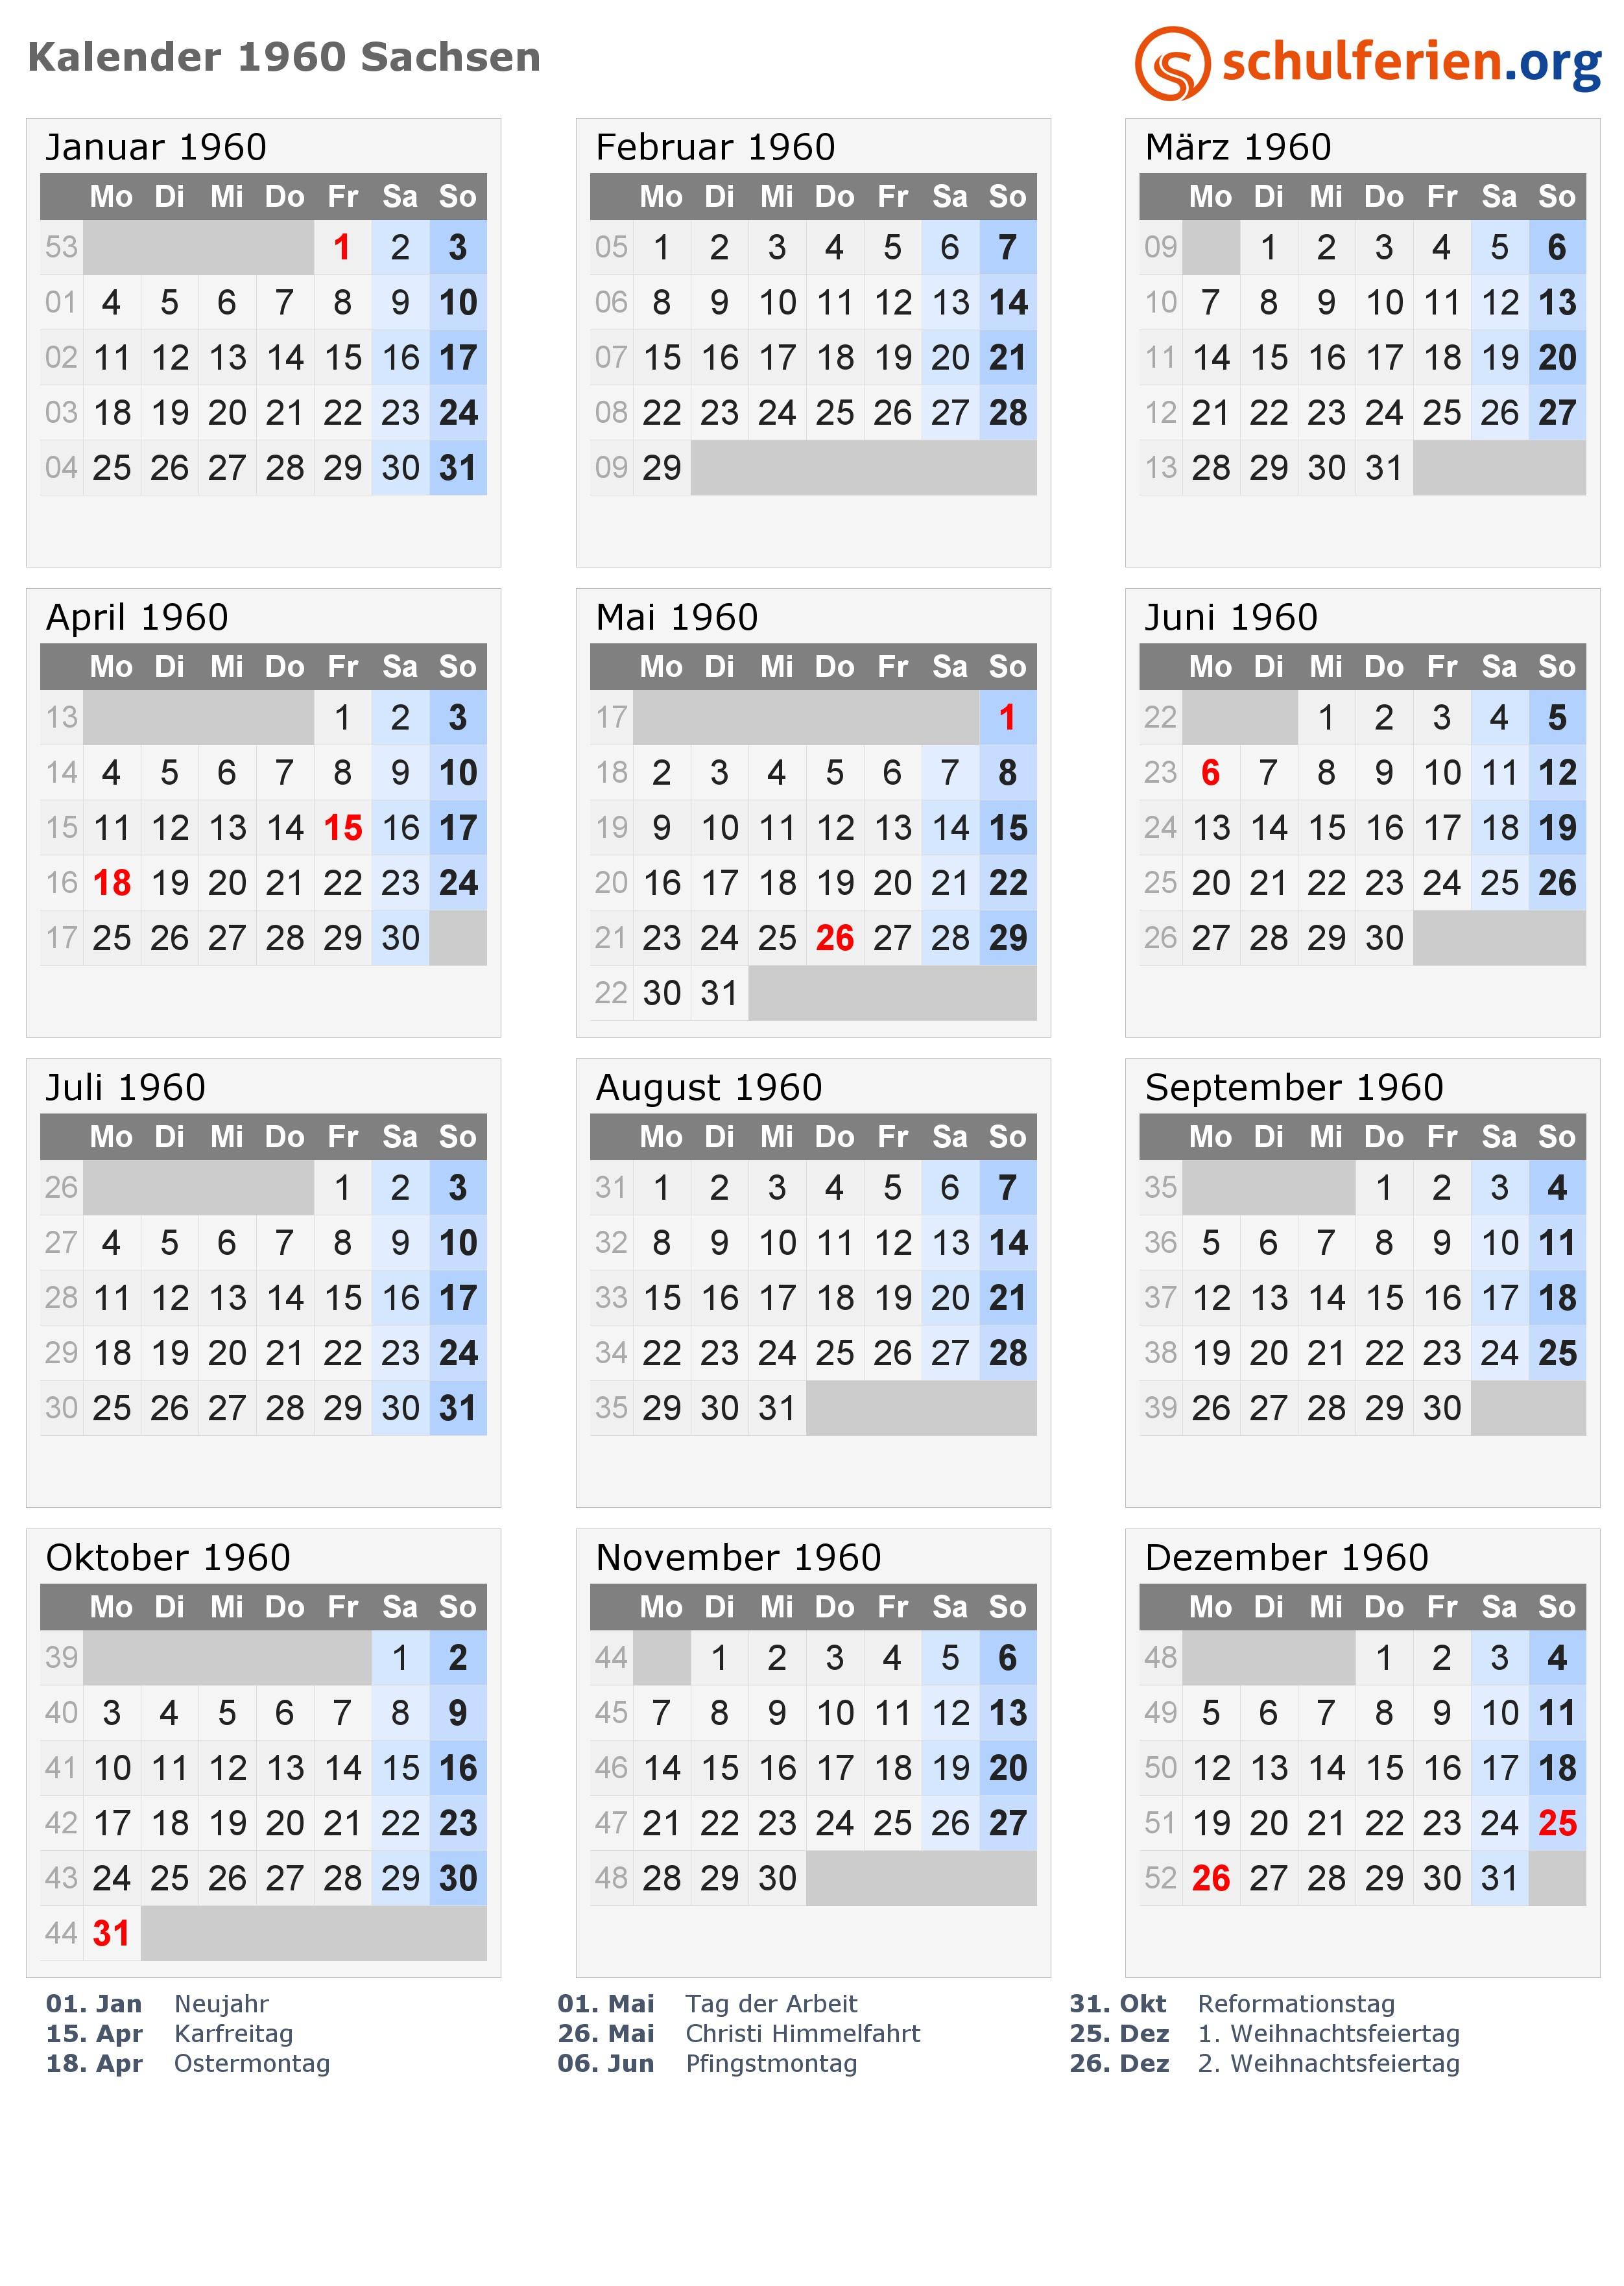 Kalender 2019 Pdf Sachsen Más Reciente Kalender 1960 Ferien Sachsen Feiertage